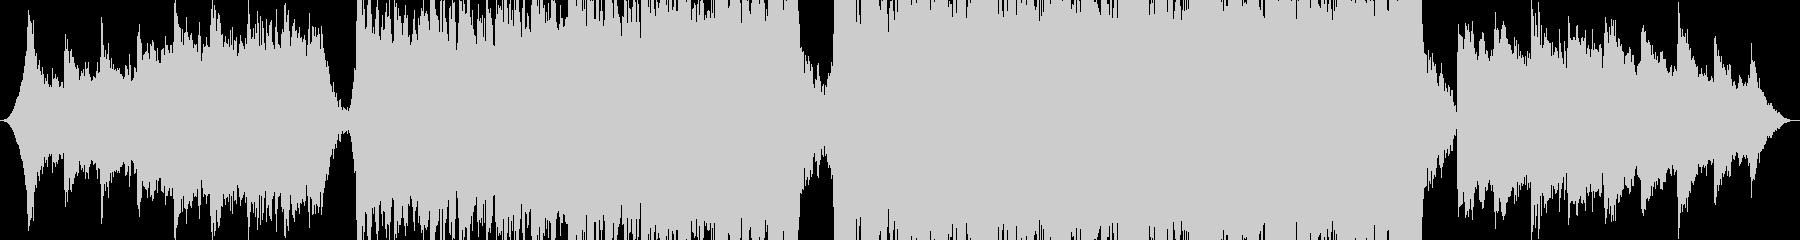 現代的 交響曲 ドラマチック 透明...の未再生の波形